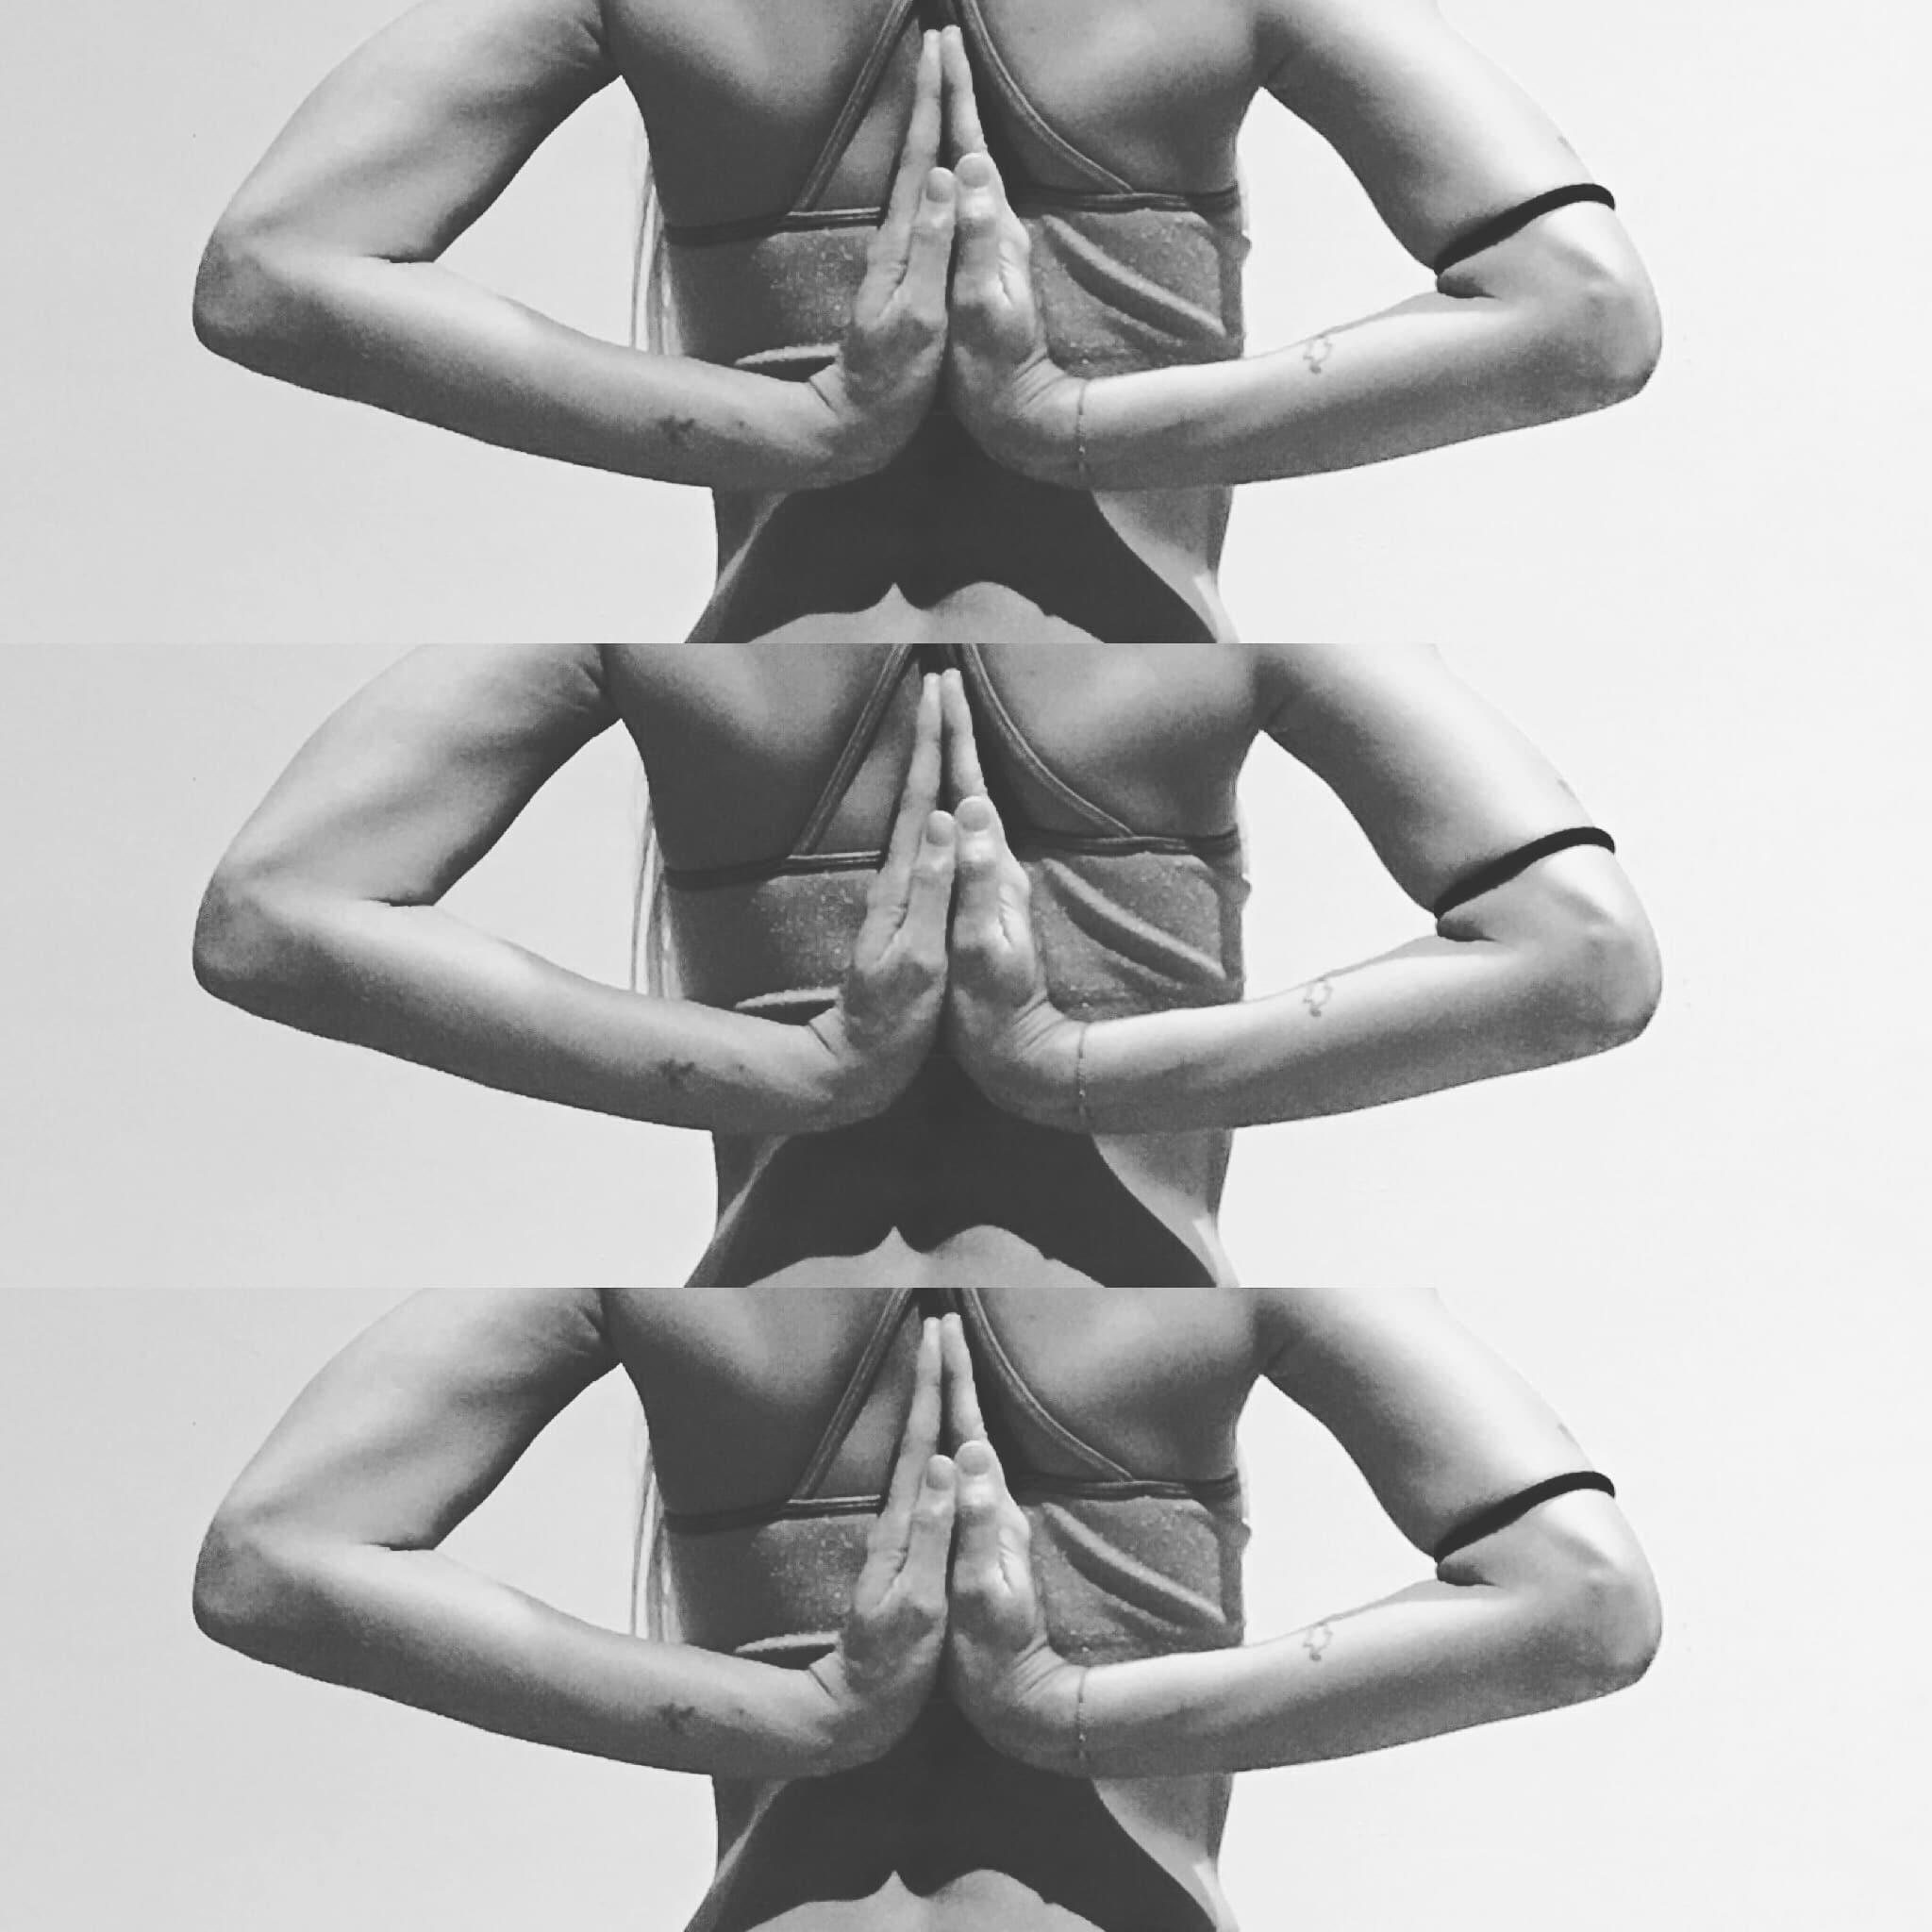 Qué tipo de yoga elegí y por qué - Lucia Liencres - Yoga